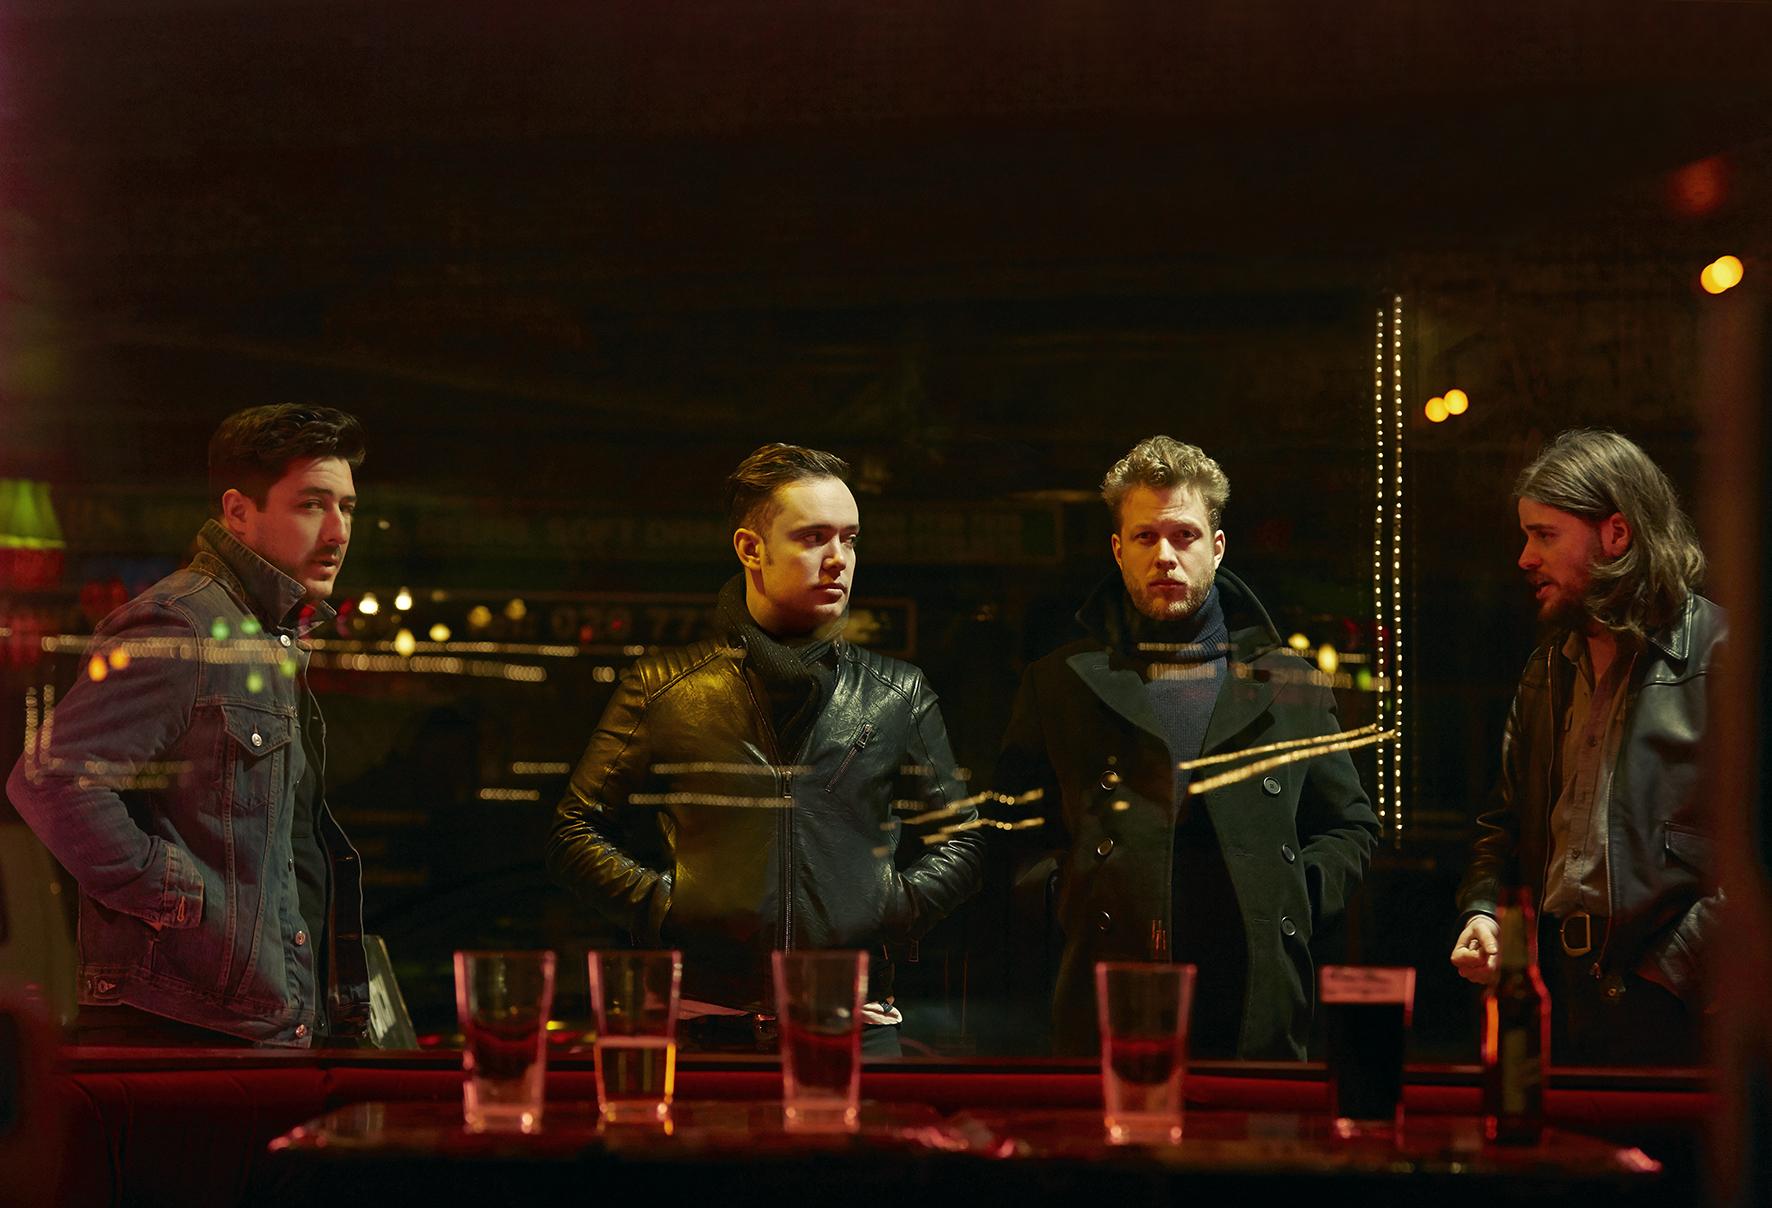 Mumford & Sons announce new album 'Wilder Mind'